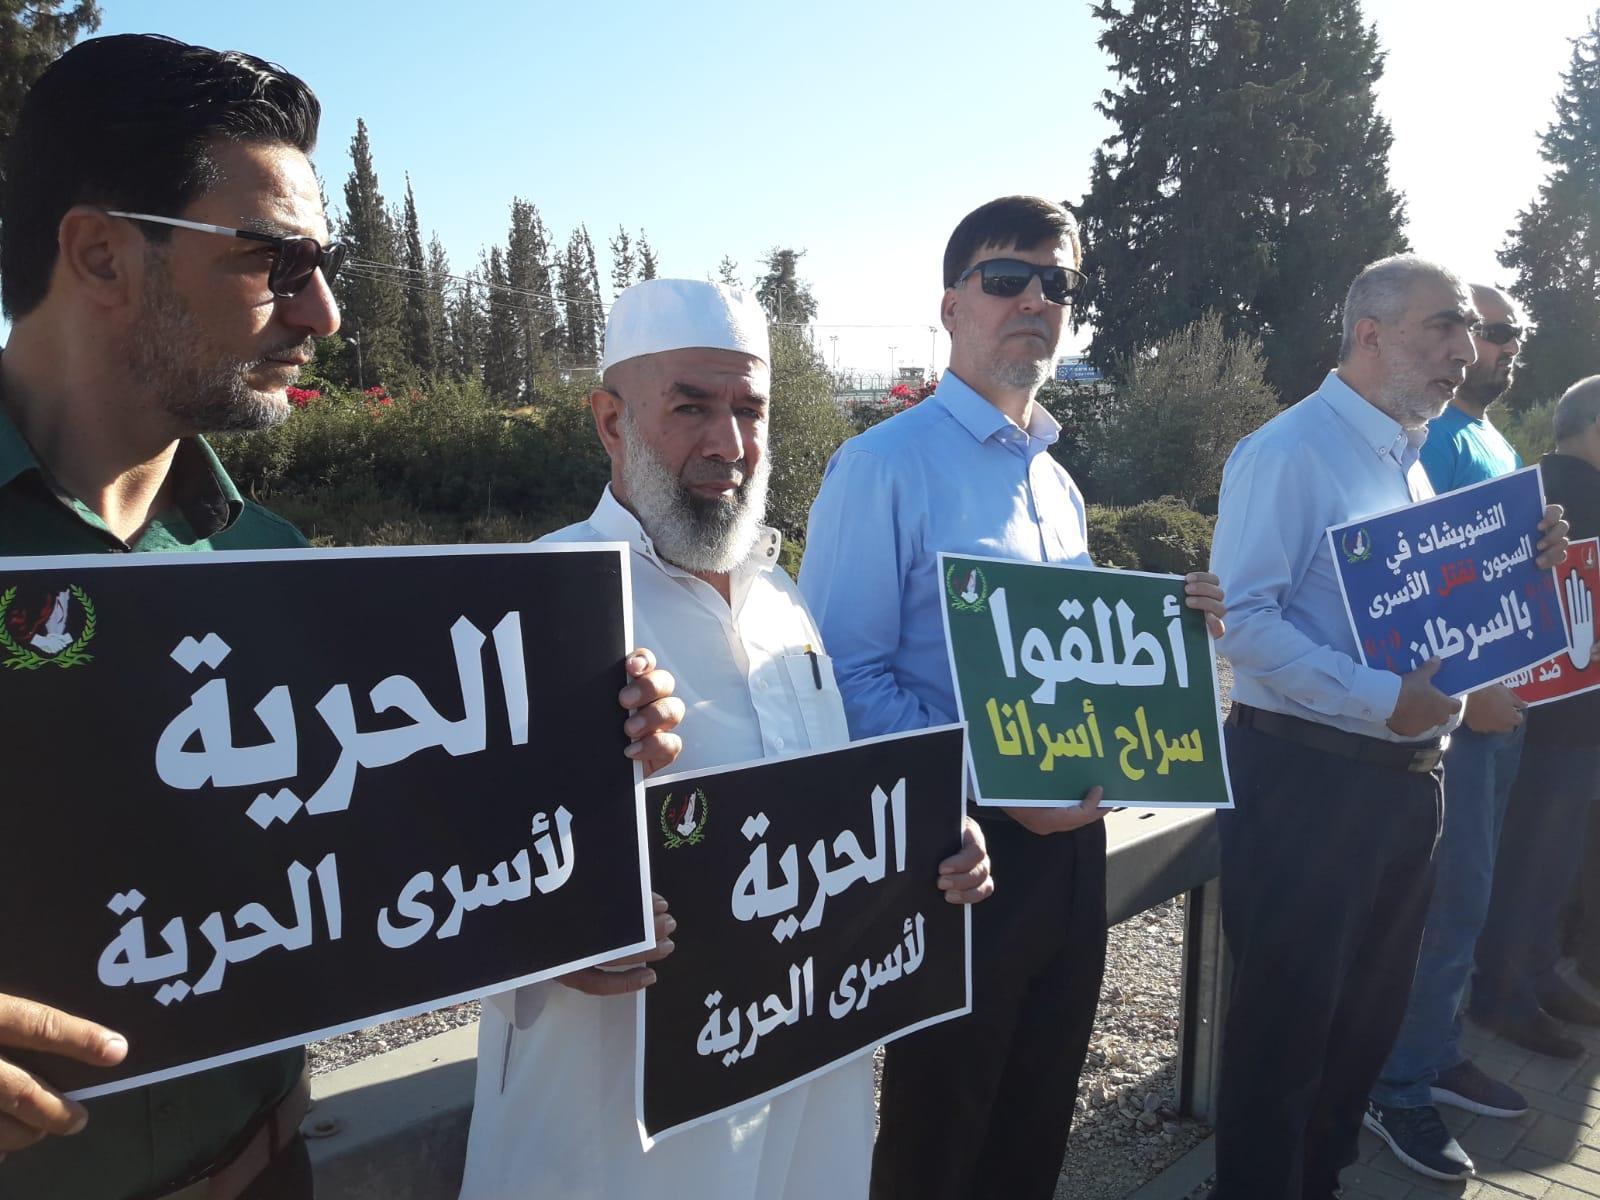 تظاهرة إسناد للحركة الوطنية الأسيرة أمام سجن مجيدو